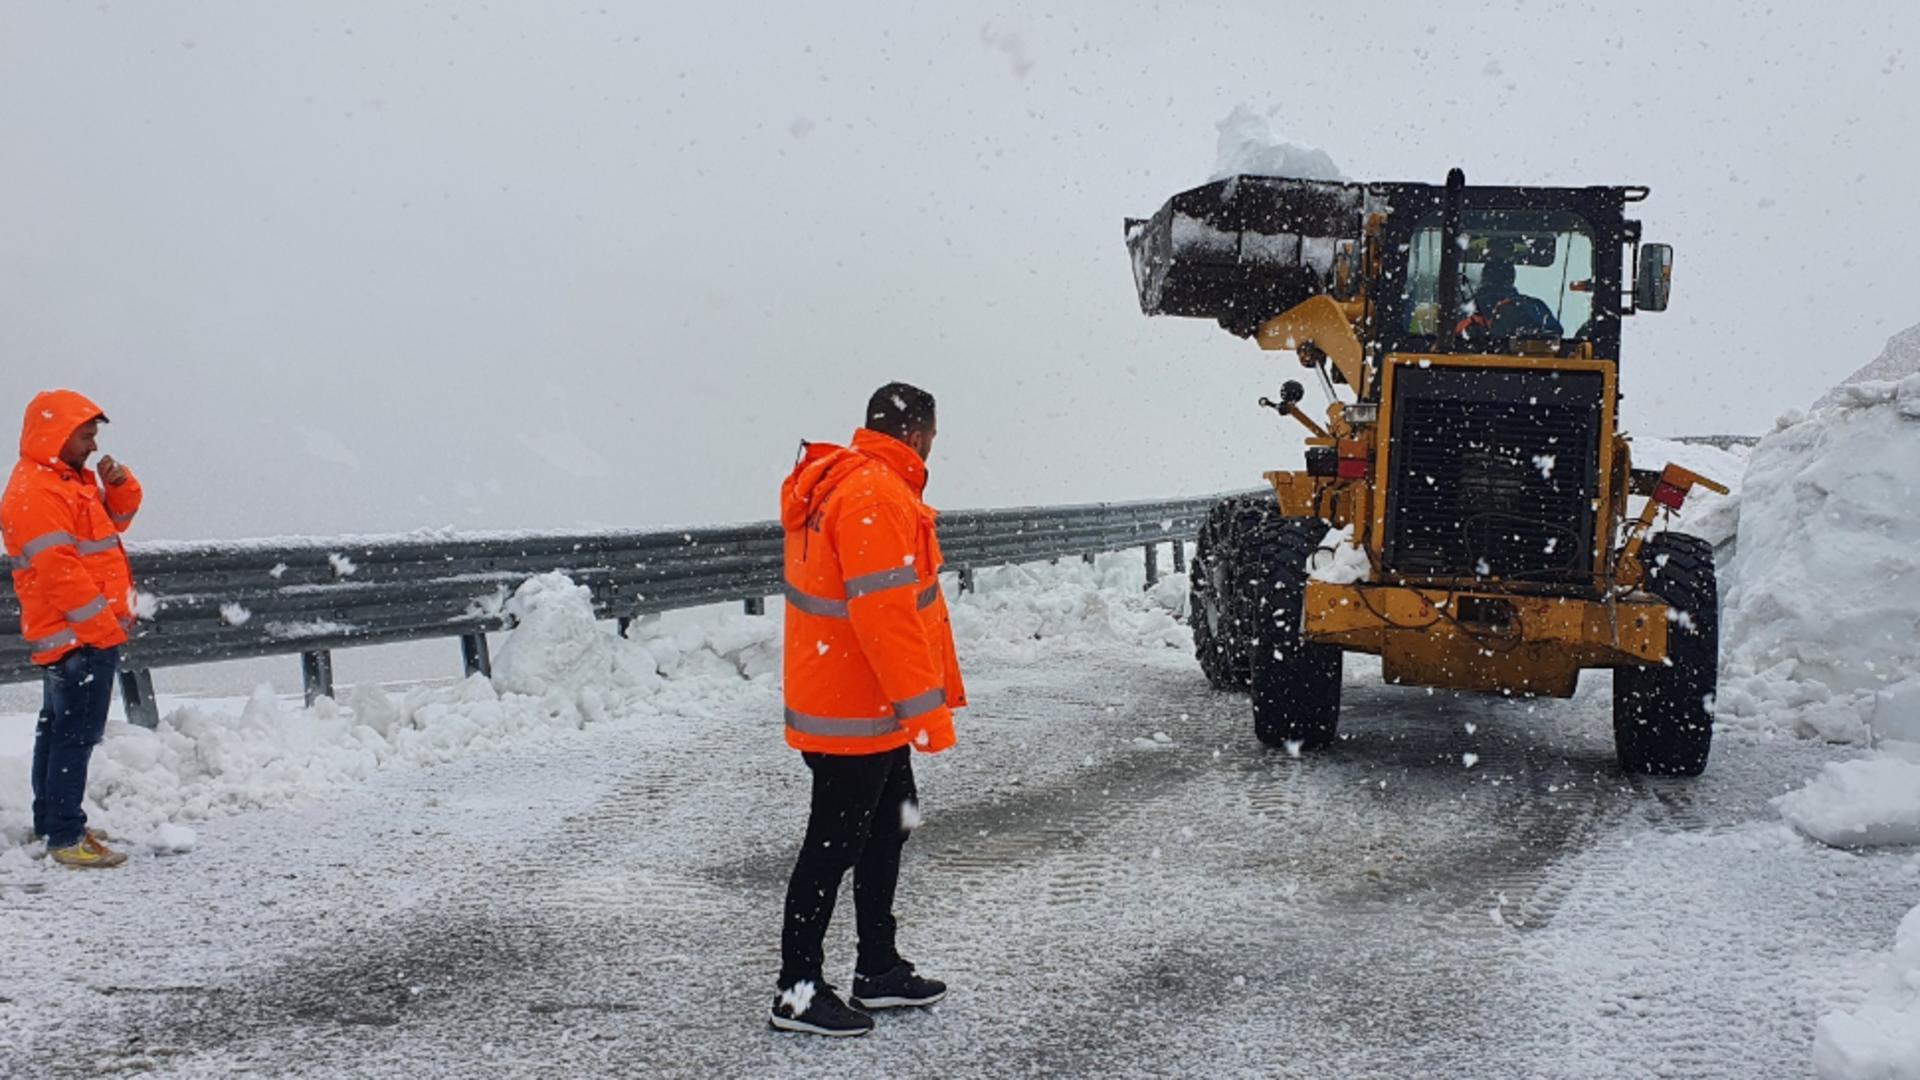 IMAGINI spectaculoase pe Transalpina - Ninge viscolit la sfârșit de mai Foto: DRDP Craiova